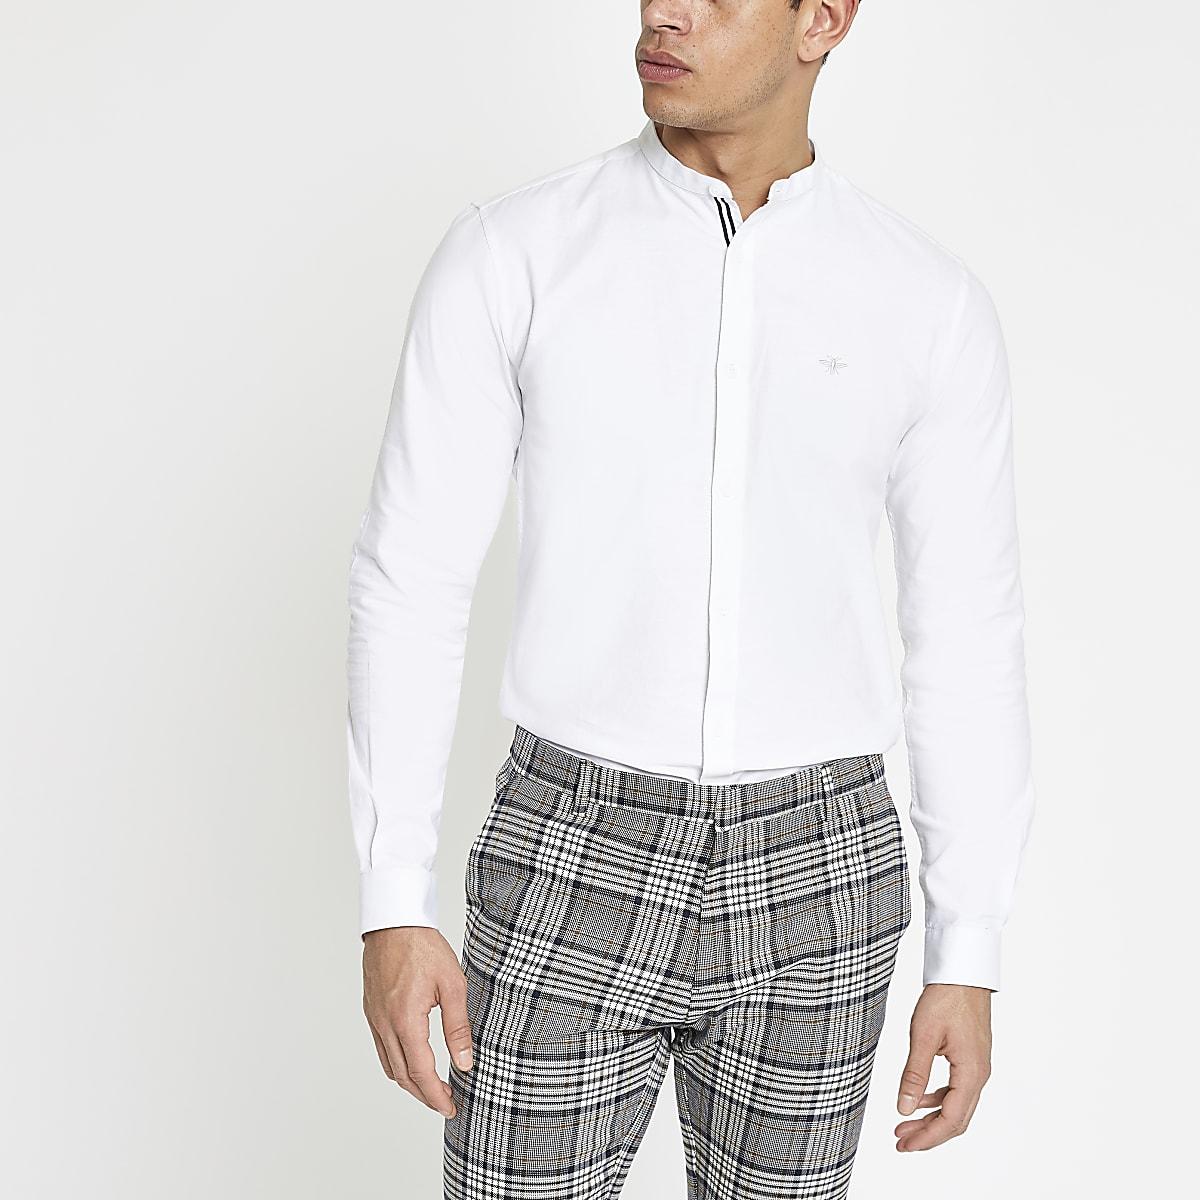 White slim fit Oxford grandad shirt